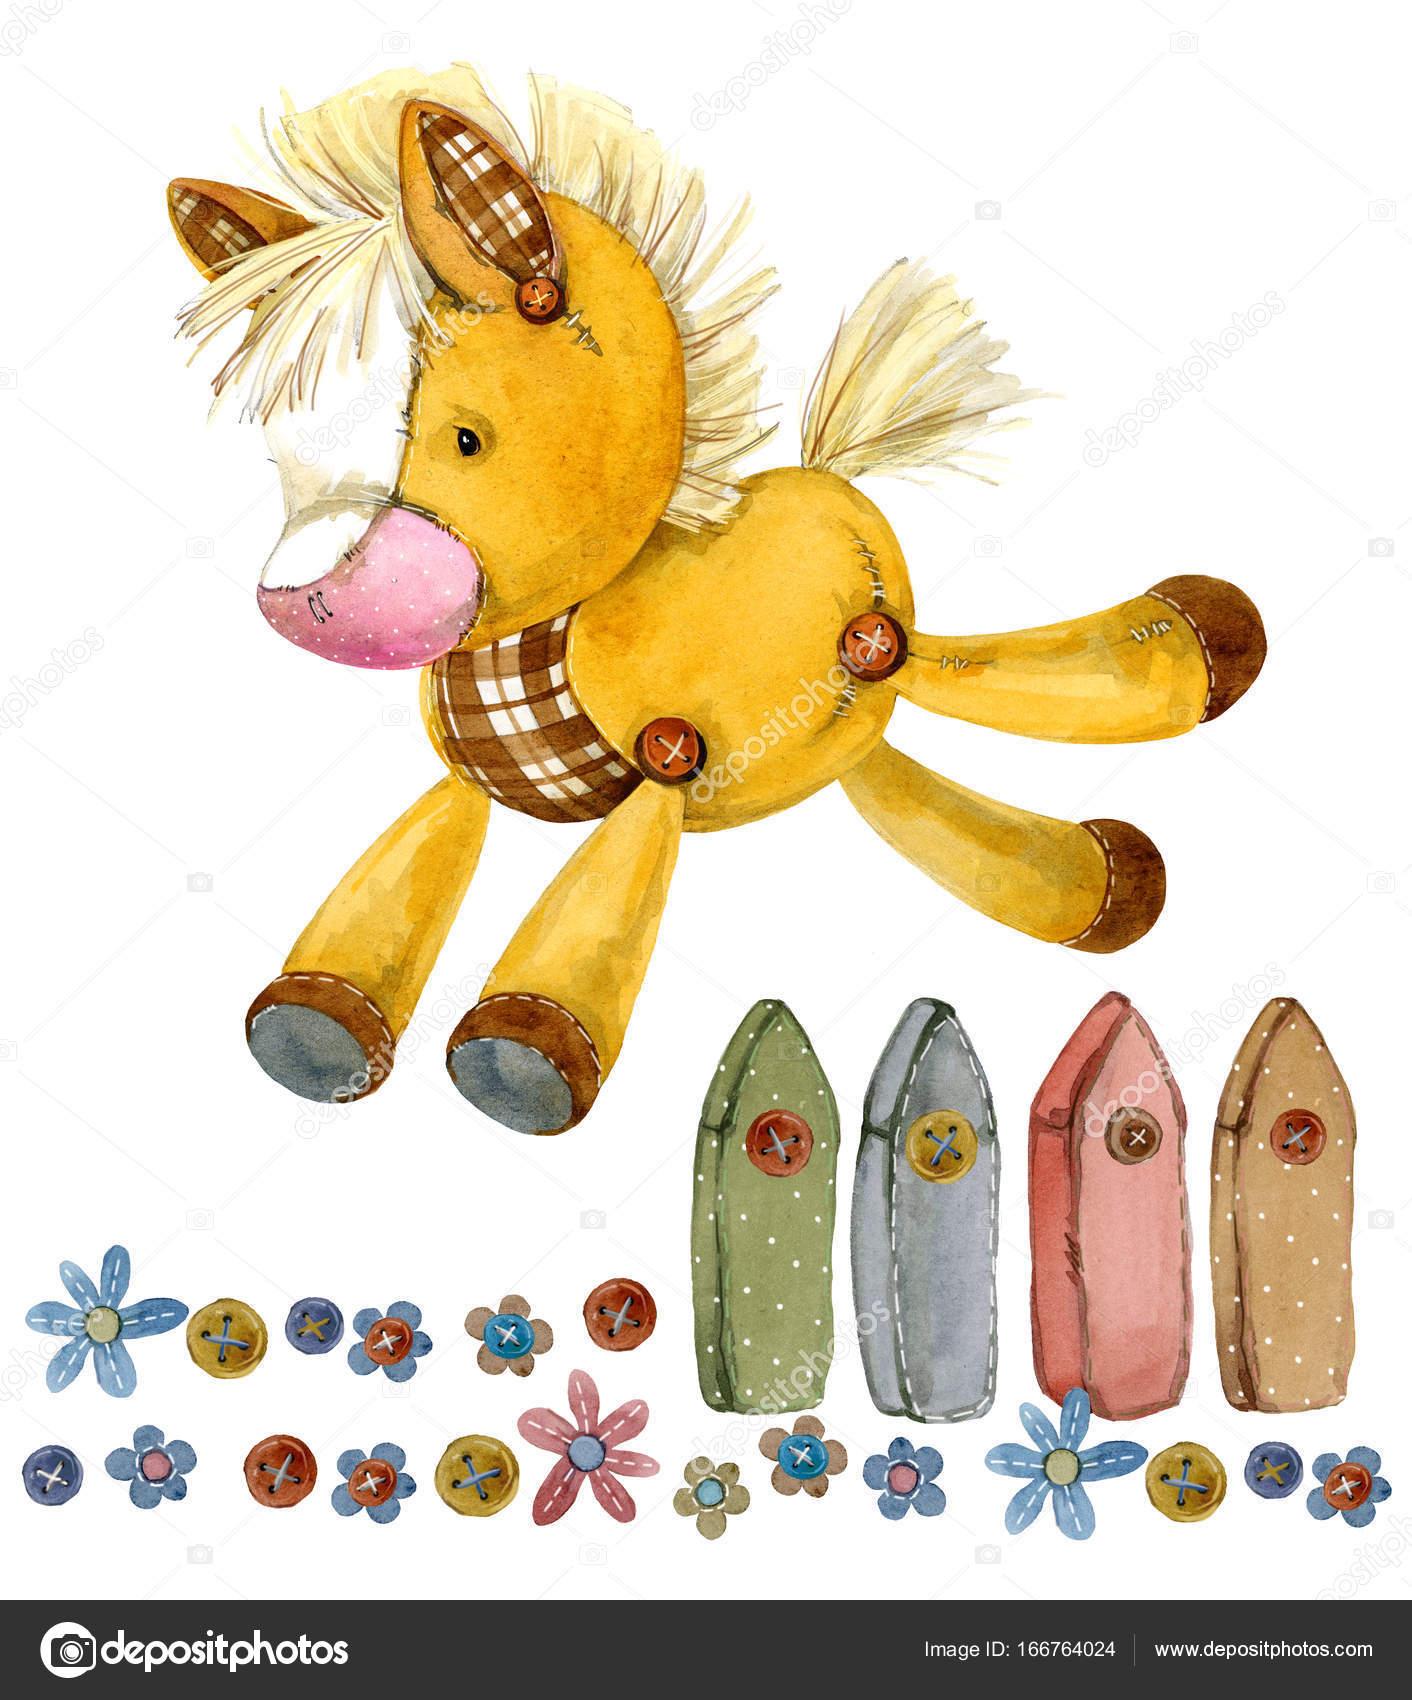 馬漫画ファーム動物かわいいペットの水彩イラスト ストック写真